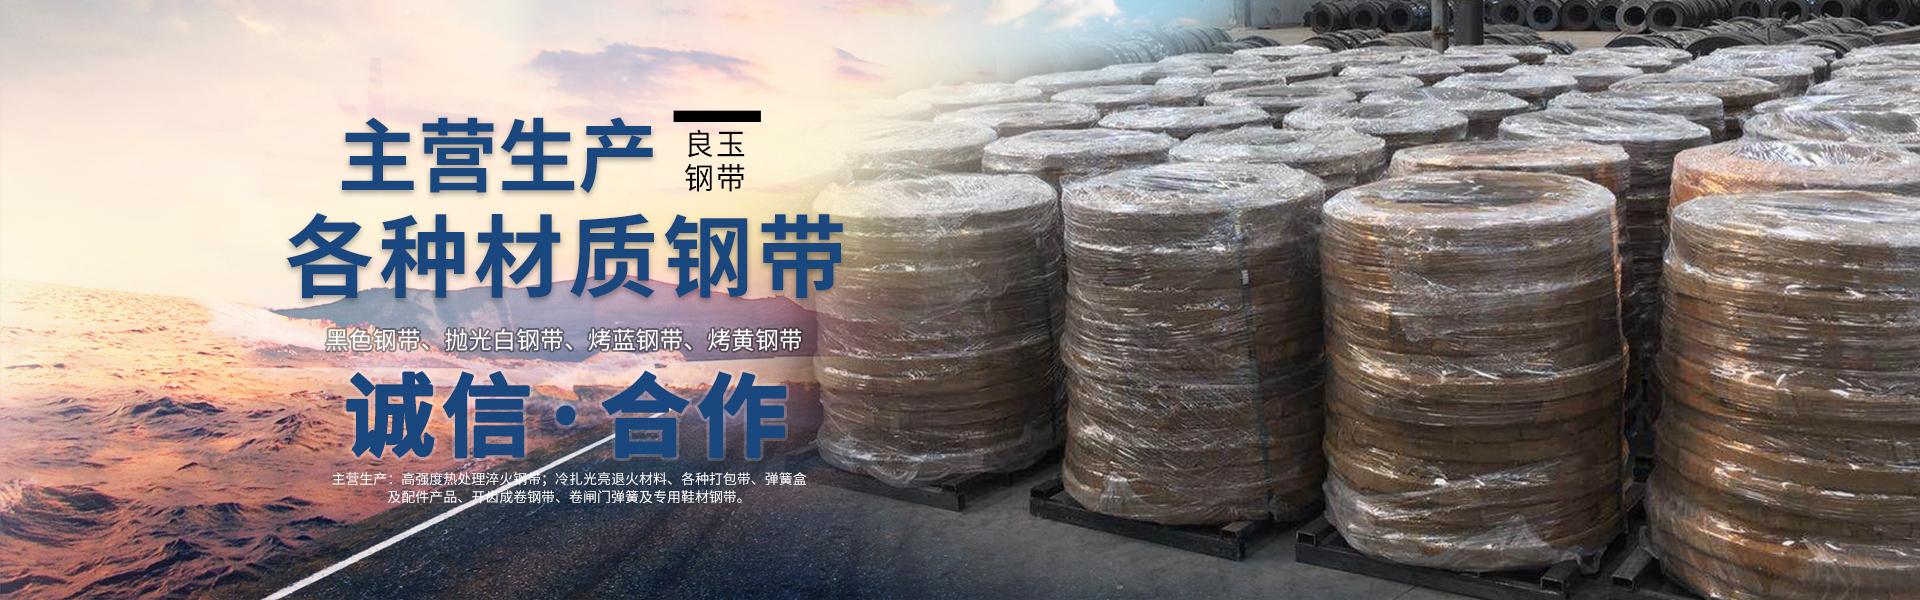 专业钢带厂家|淬火钢带|铁皮打包带|山东烤蓝钢带-临沂市良玉钢带